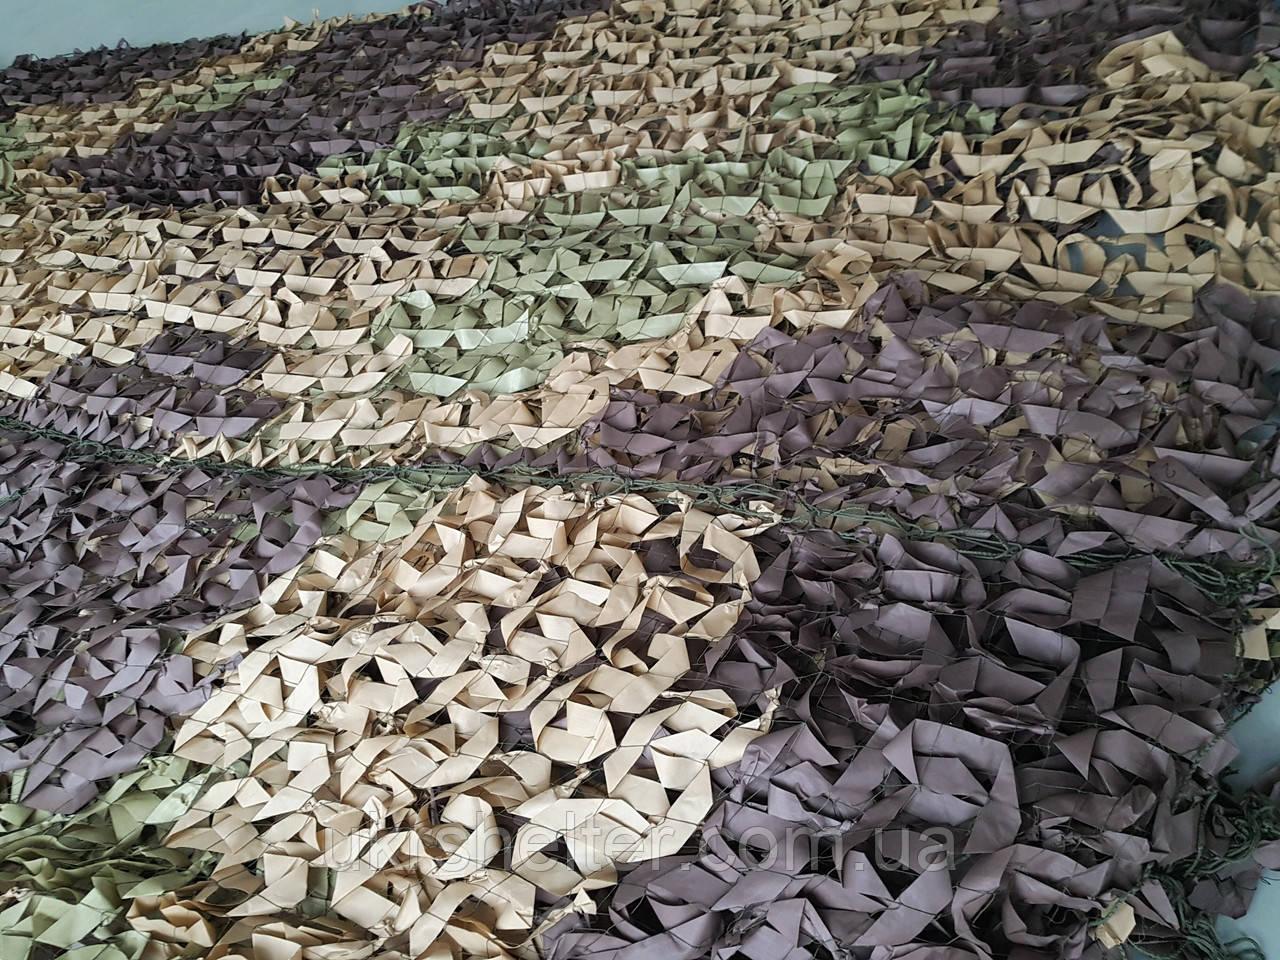 """Сетка маскировочная плетеная """"Степь"""": продажа, цена в Хмельницком. маскировка для охоты, засидки от """" Ukrshelter"""" - 1045713028"""